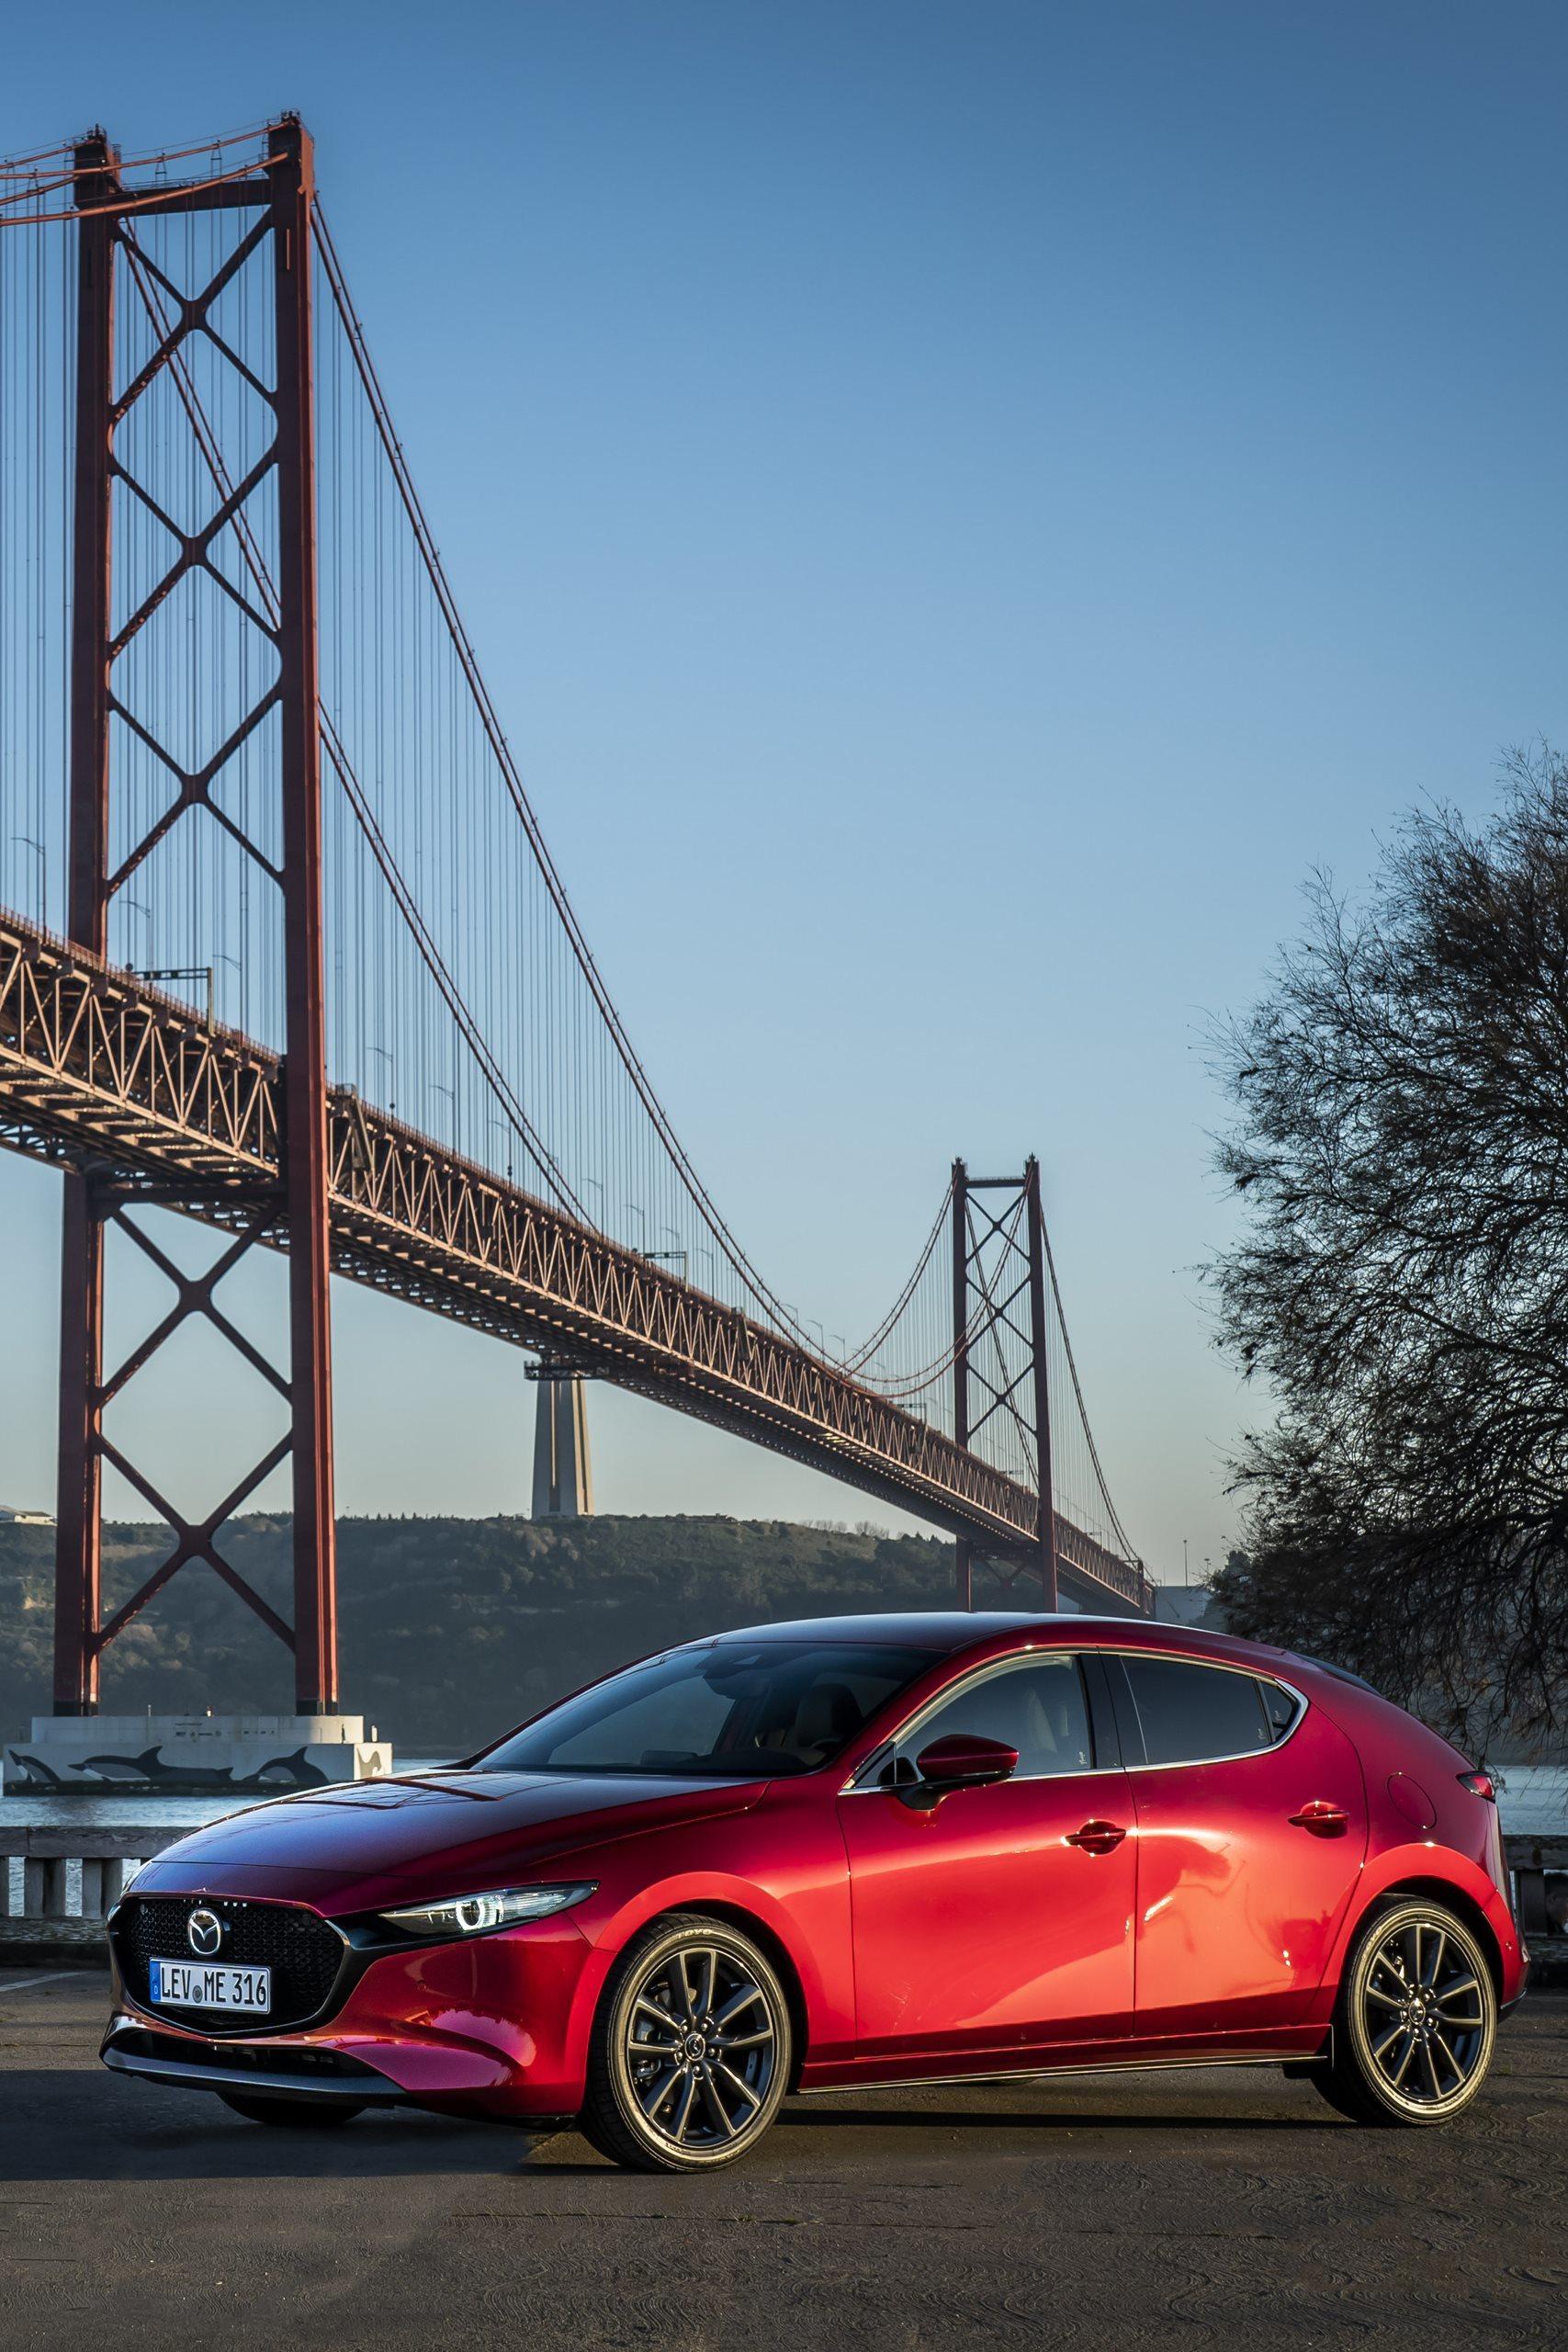 Mazda 3 Skyactiv G Oficial Rojo 00128